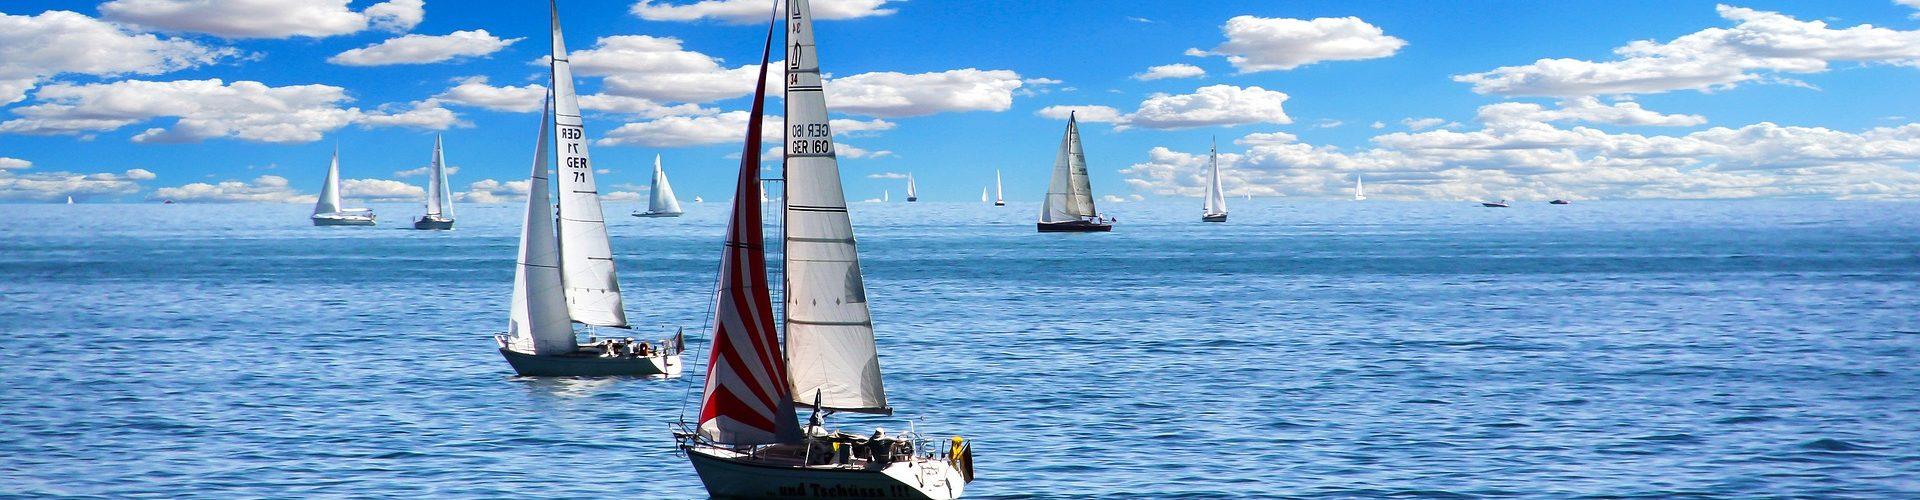 segeln lernen in Güstrow segelschein machen in Güstrow 1920x500 - Segeln lernen in Güstrow